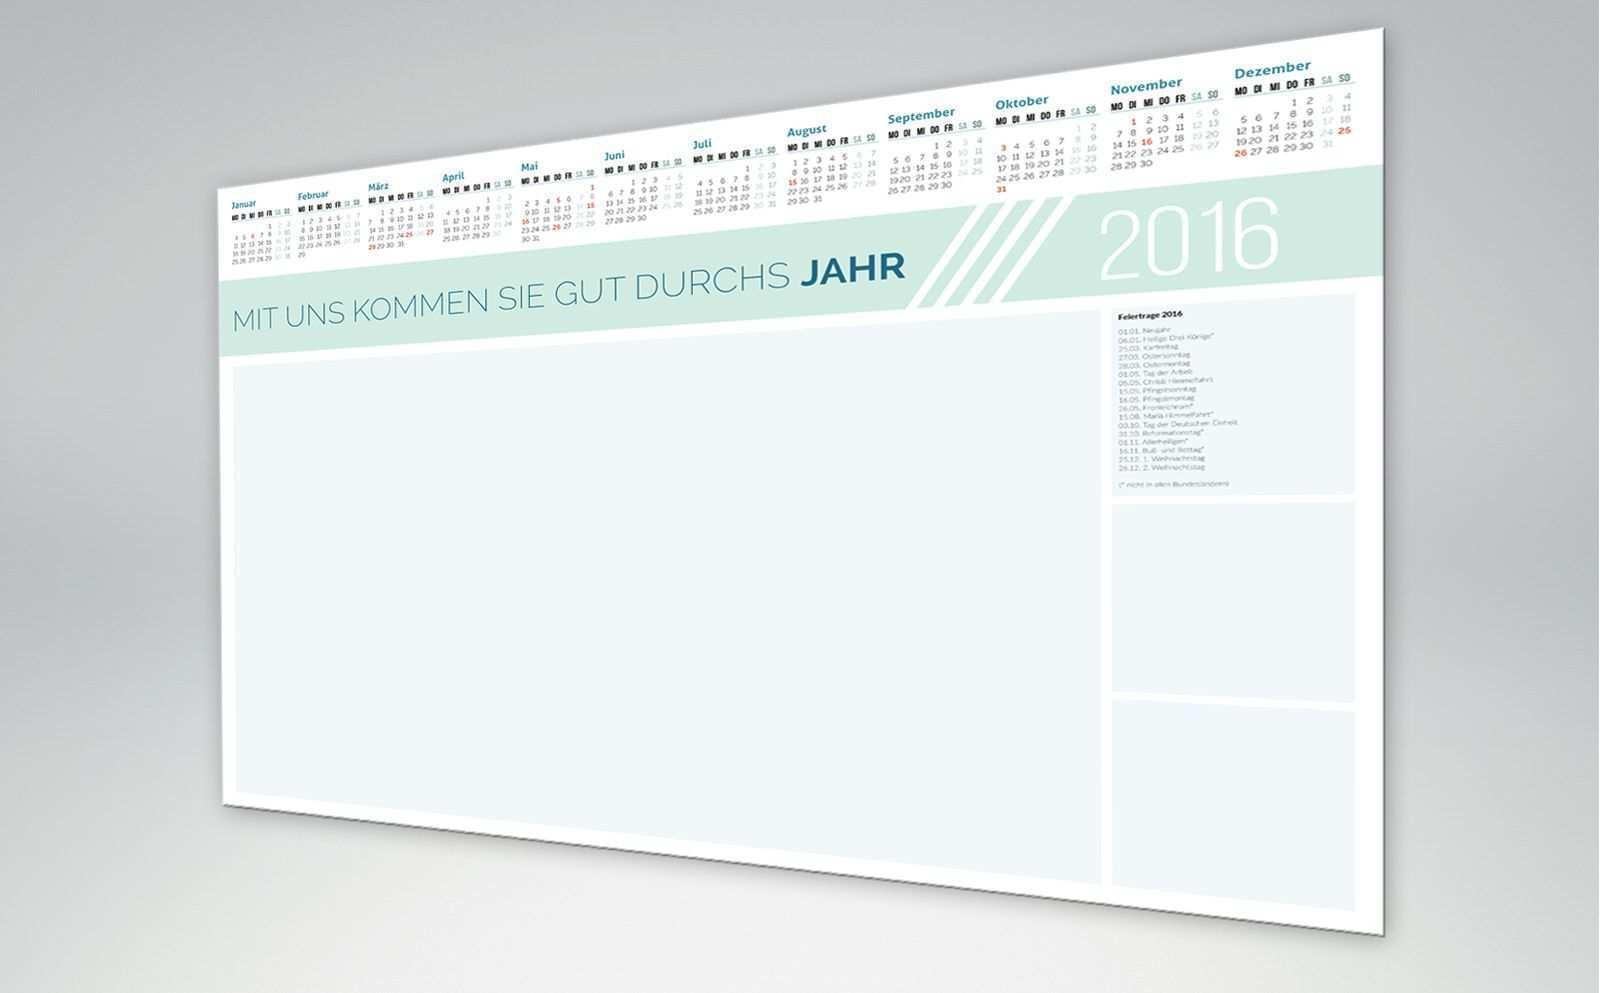 Indesign Kalendervorlagen 2018 2019 2020 Kalender Vorlagen Vorlagen Kalender